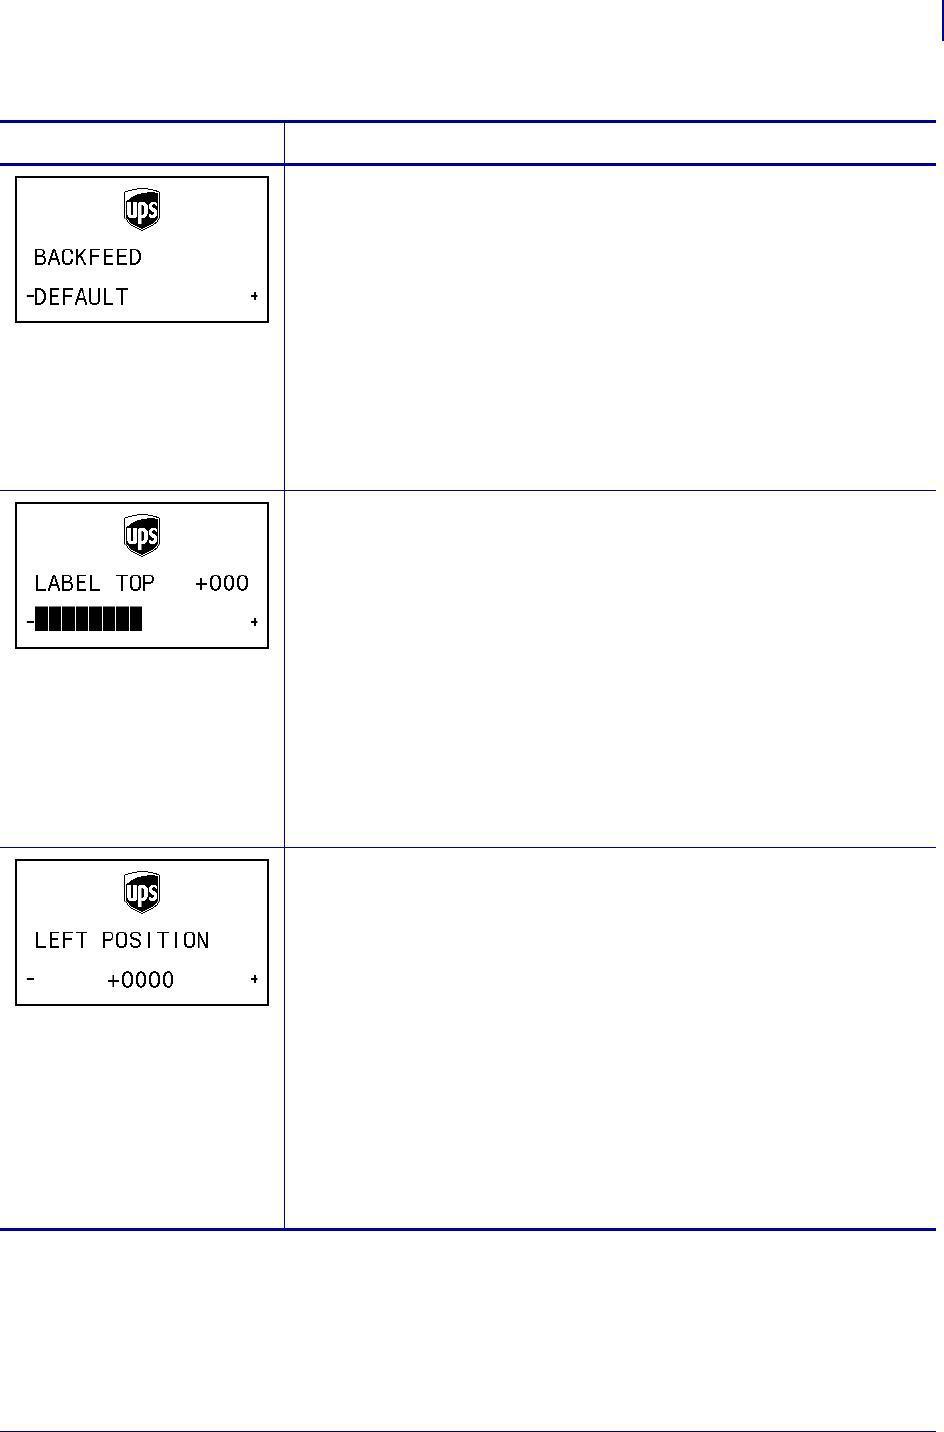 Lift Besides Vw Golf Wiring Diagram On Jeep Commander Fuse ... on bmw 535i fuse diagram, jeep commander thermostat, suzuki xl7 fuse diagram, mazda tribute fuse diagram, volkswagen beetle fuse diagram, ford e-450 fuse diagram, ford explorer fuse diagram, toyota matrix fuse diagram, porsche cayman fuse diagram, jeep commander horn, jeep commander fuse box layout, jeep commander cruise control, jeep commander coolant leak, nissan maxima fuse diagram, kia rio fuse diagram, dodge intrepid fuse diagram, pontiac vibe fuse diagram, jeep commander transmission, mazda b2500 fuse diagram, dodge avenger fuse diagram,